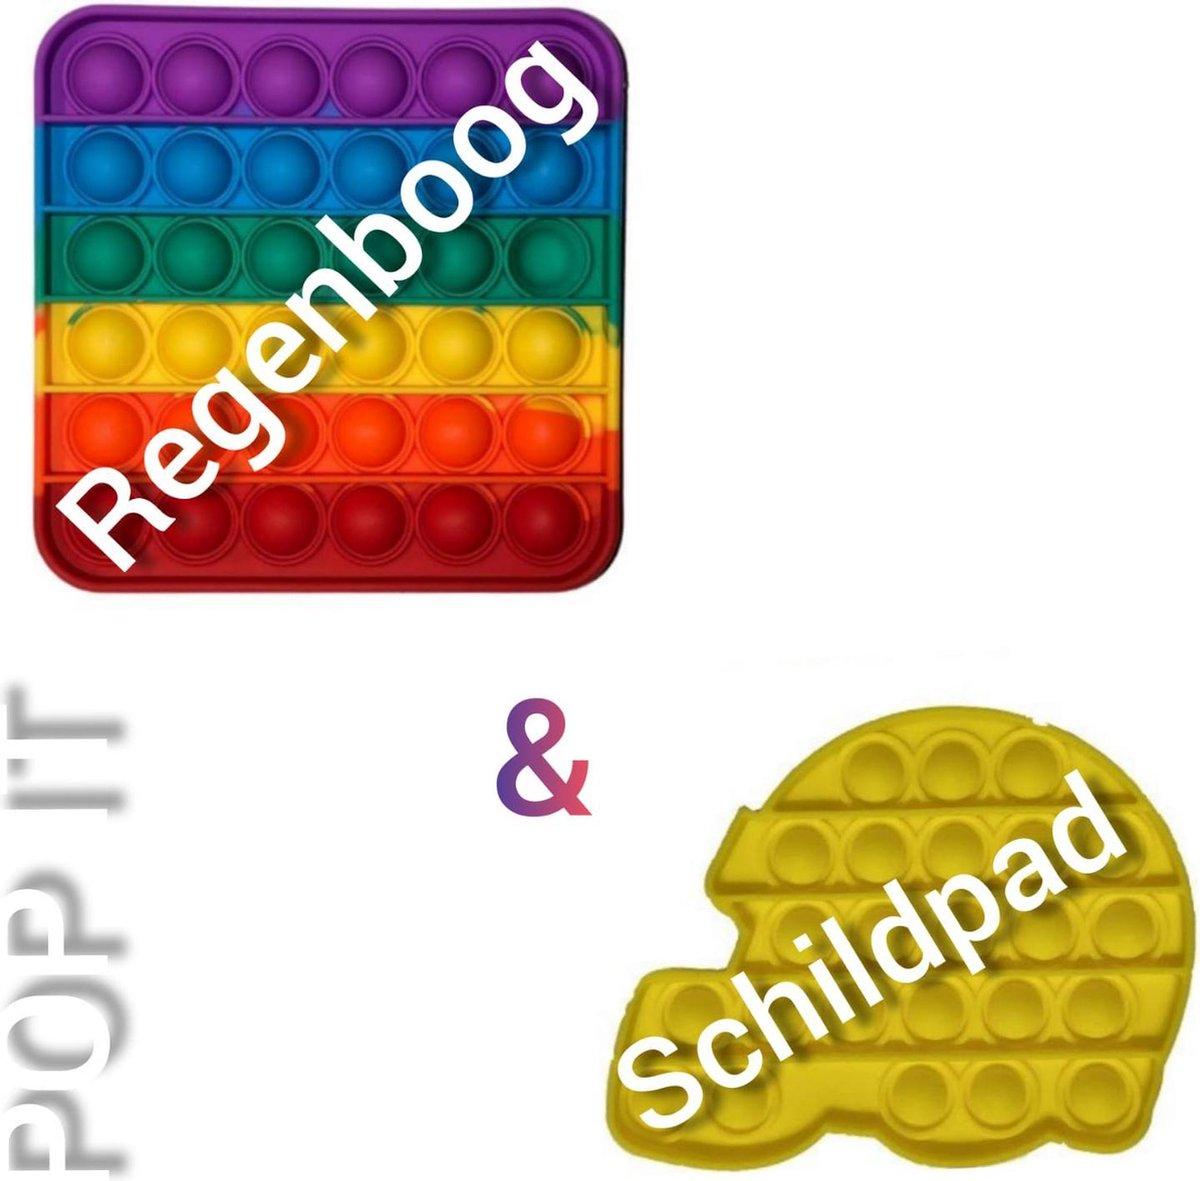 Pop it | Fidget toys pakket | Regenboog vierkant + Schildpad geel | Meisjes jongens volwassenen | Anti stress | Cadeautip _ Leuk voor zwembad